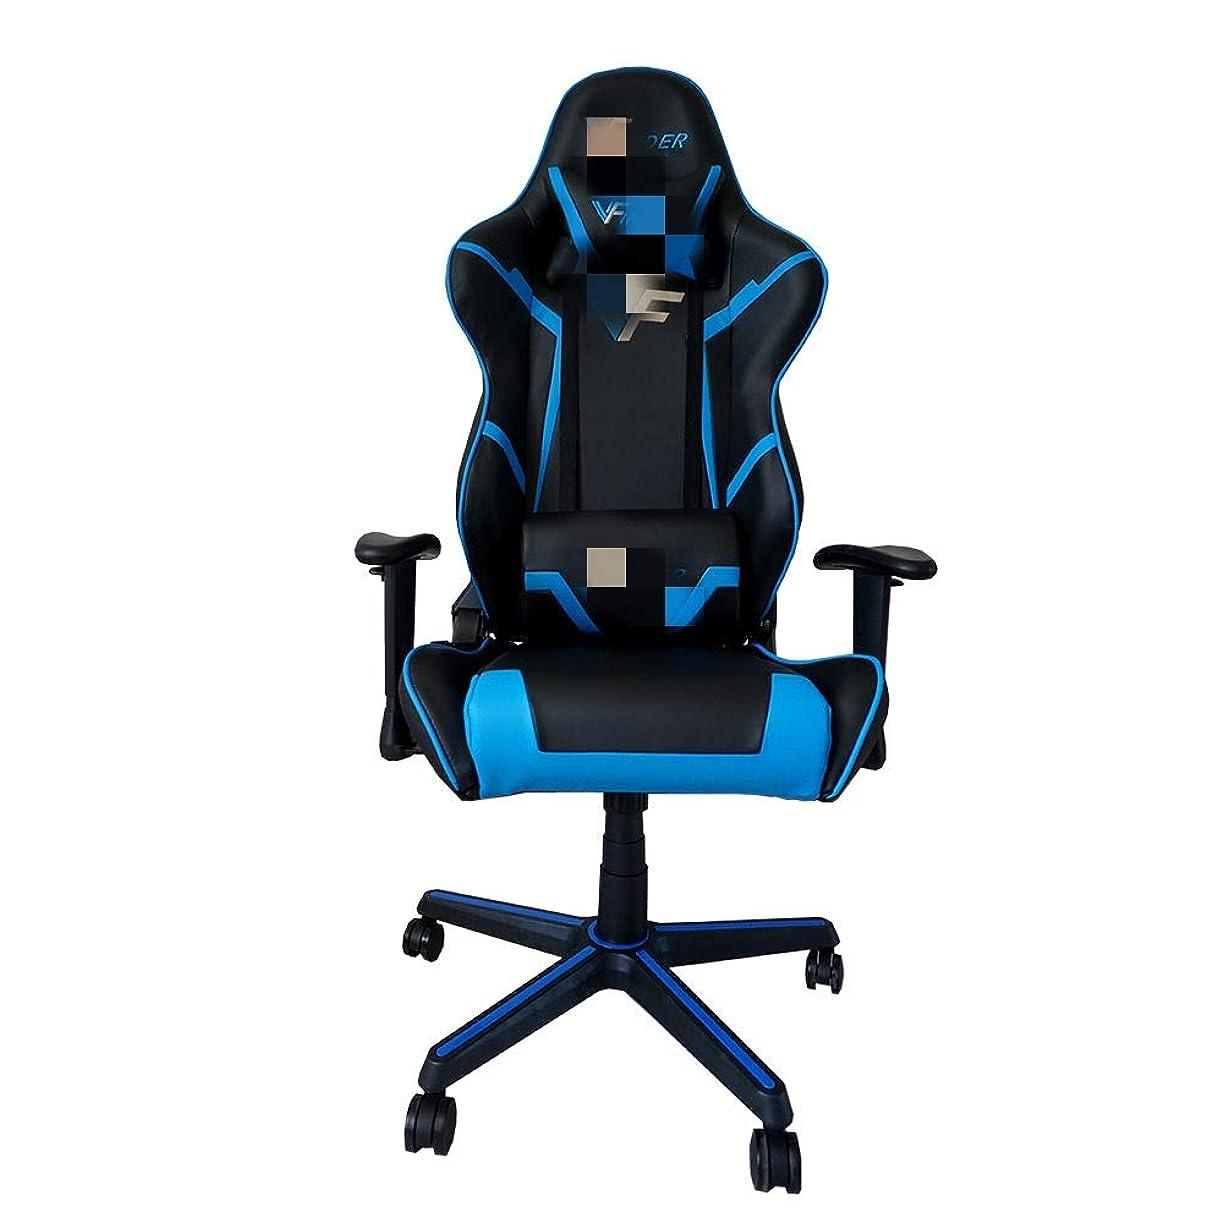 熱望する失業血ゲーミングチェアオットマンリクライニング リクライニングオフィスチェア通気性メッシュチェアリフティングマッサージチェアゲーミングチェアスイベルチェアオフィスチェアコンピュータチェア (Color : Blue, Size : As picture)